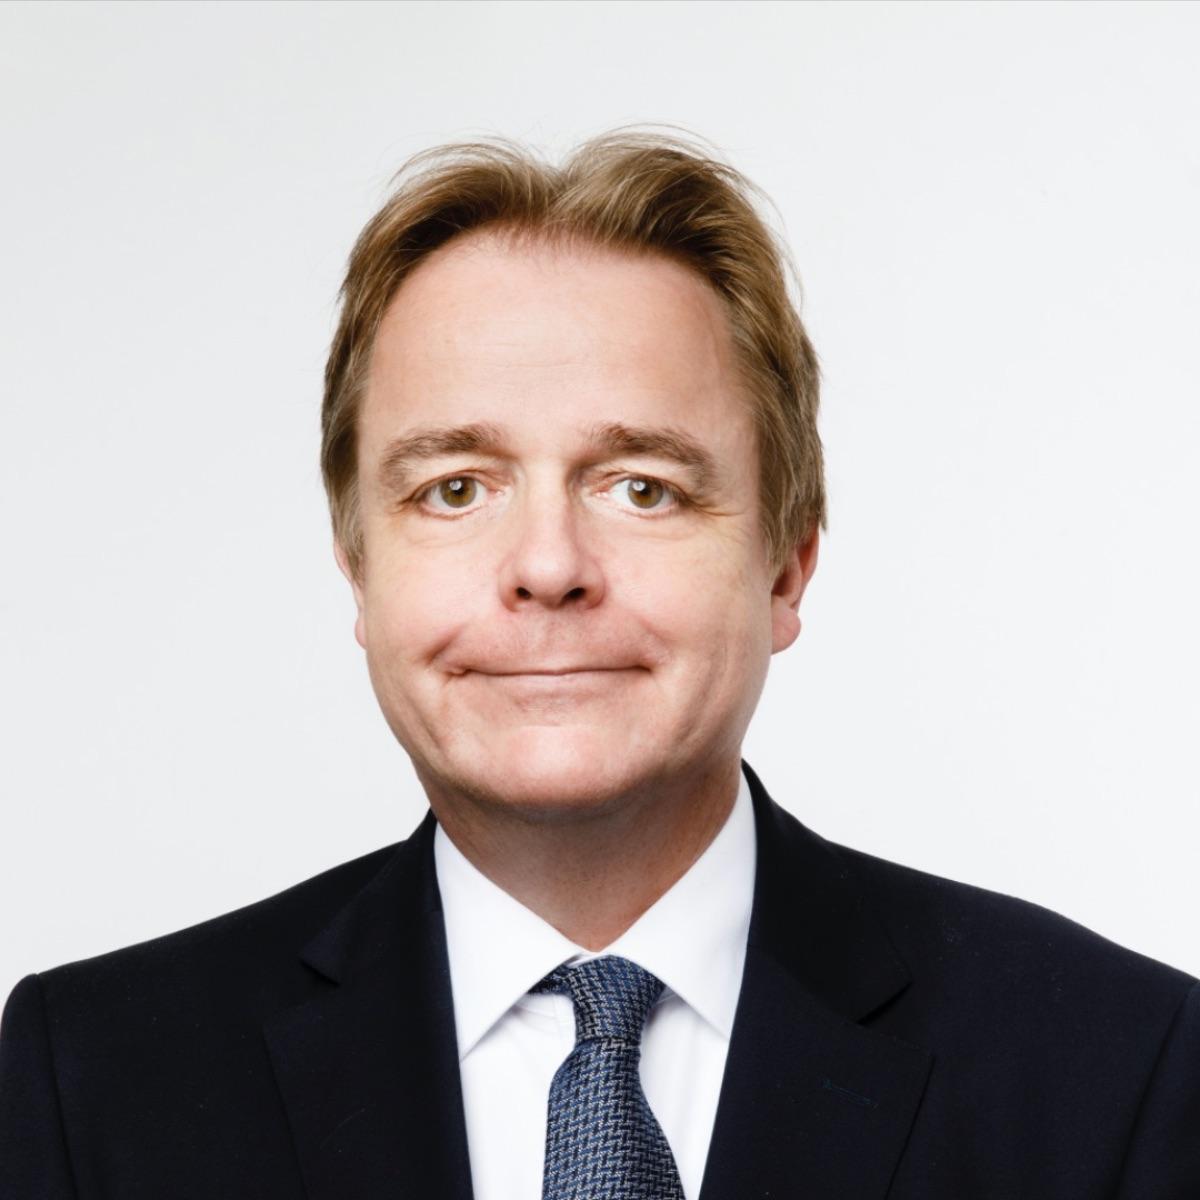 Dominik Ziller